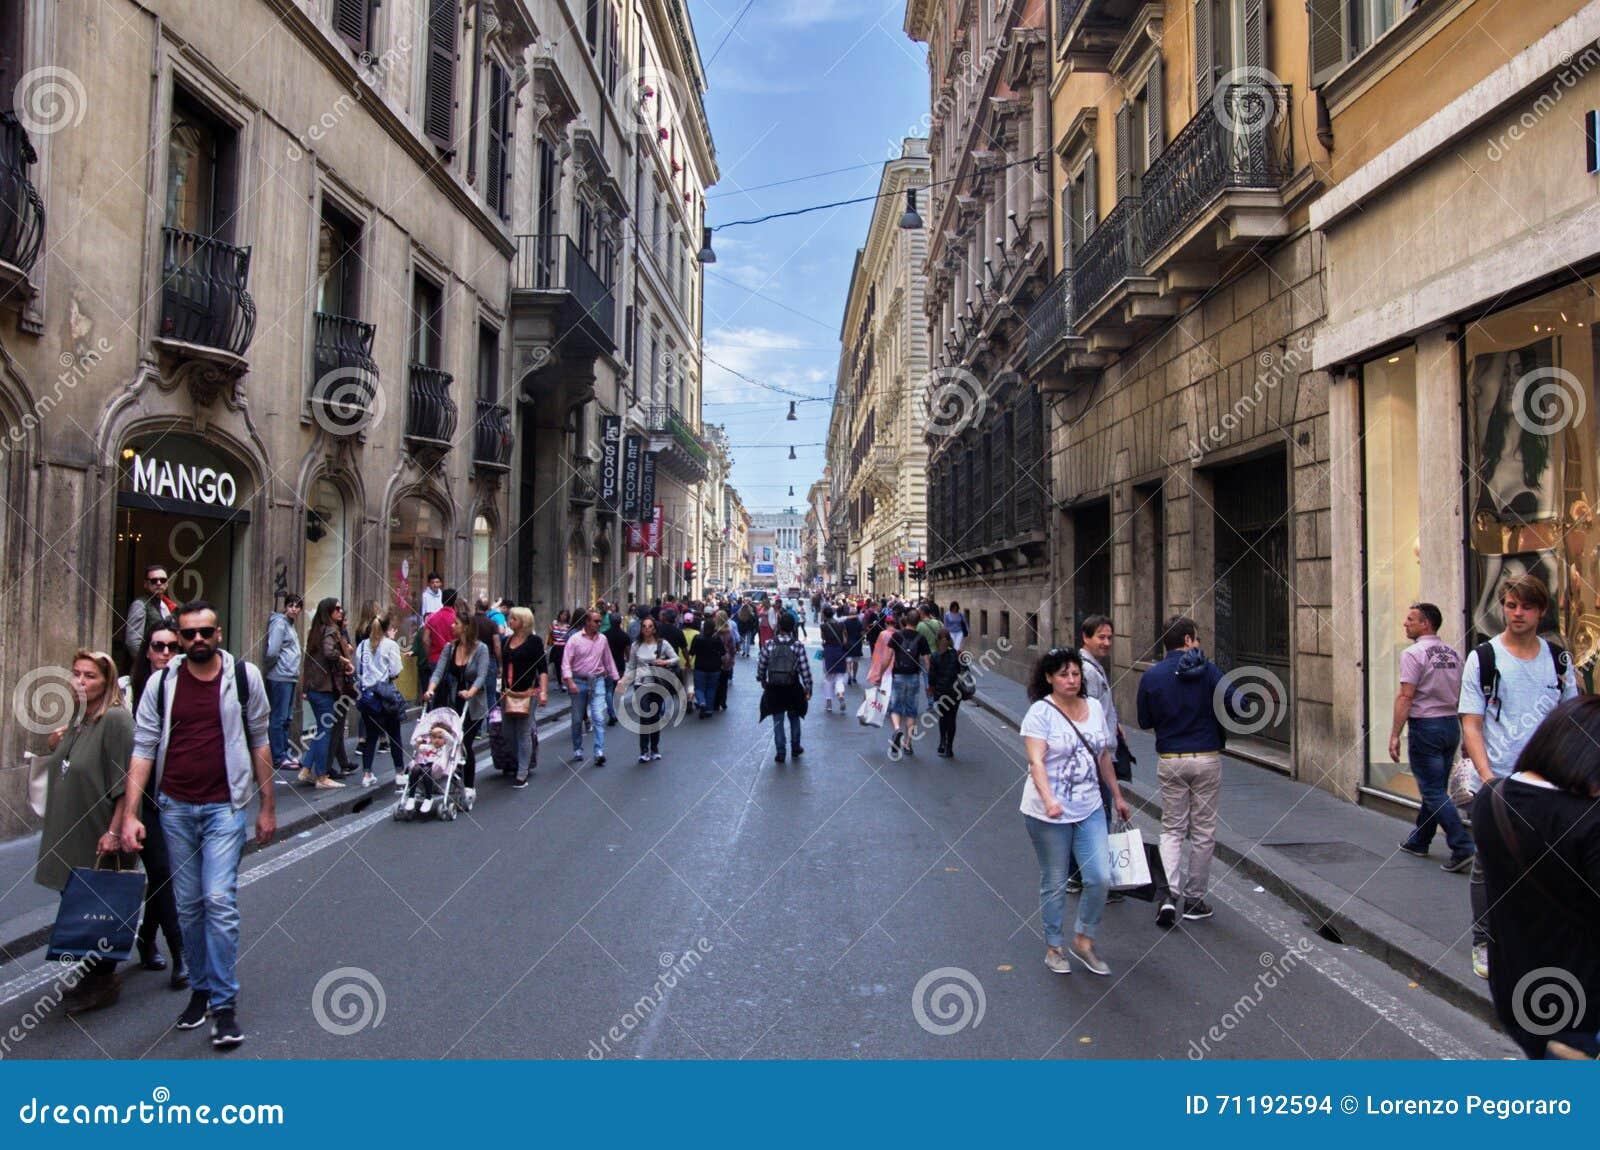 Via del corso rome redactionele stock afbeelding for Bershka roma via del corso